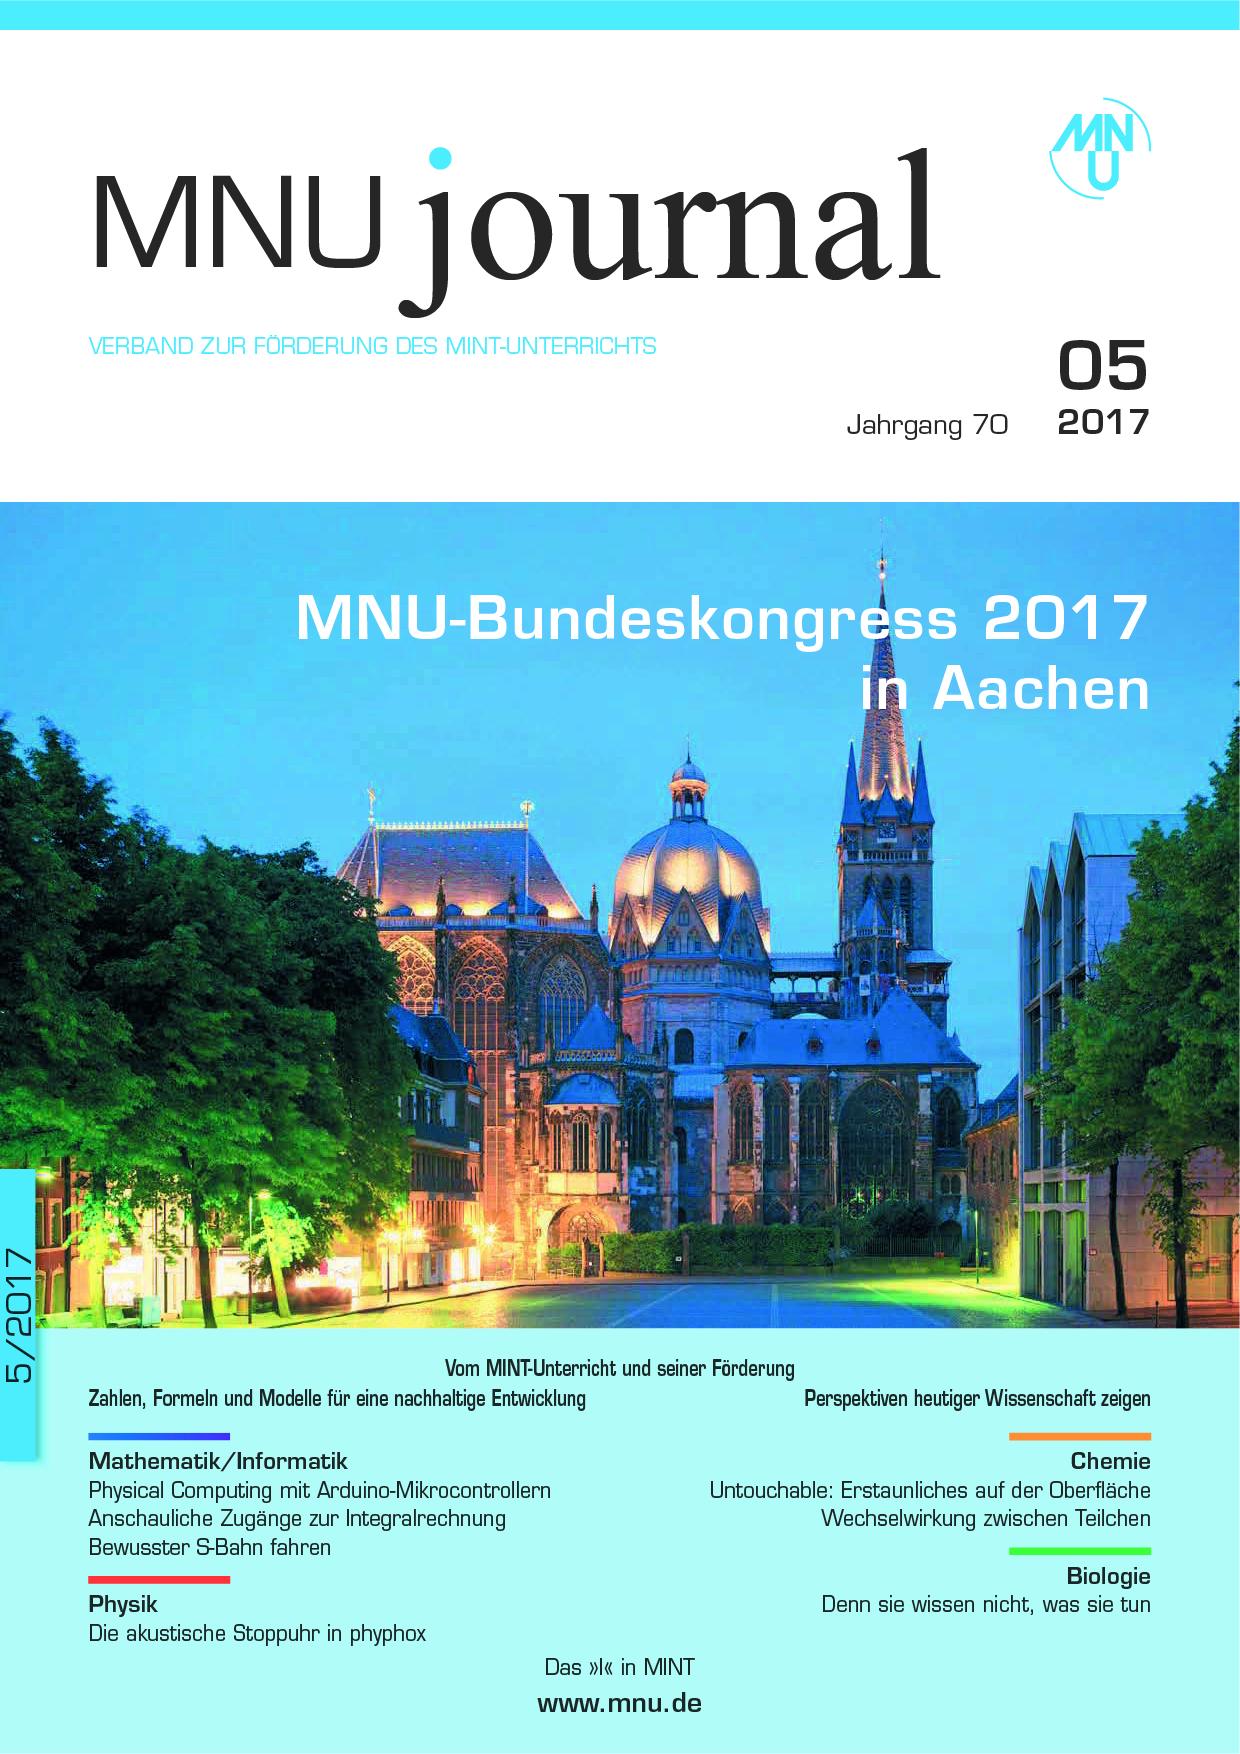 MNU - Verband zur Förderung des MINT-Unterrichts - Publikationen